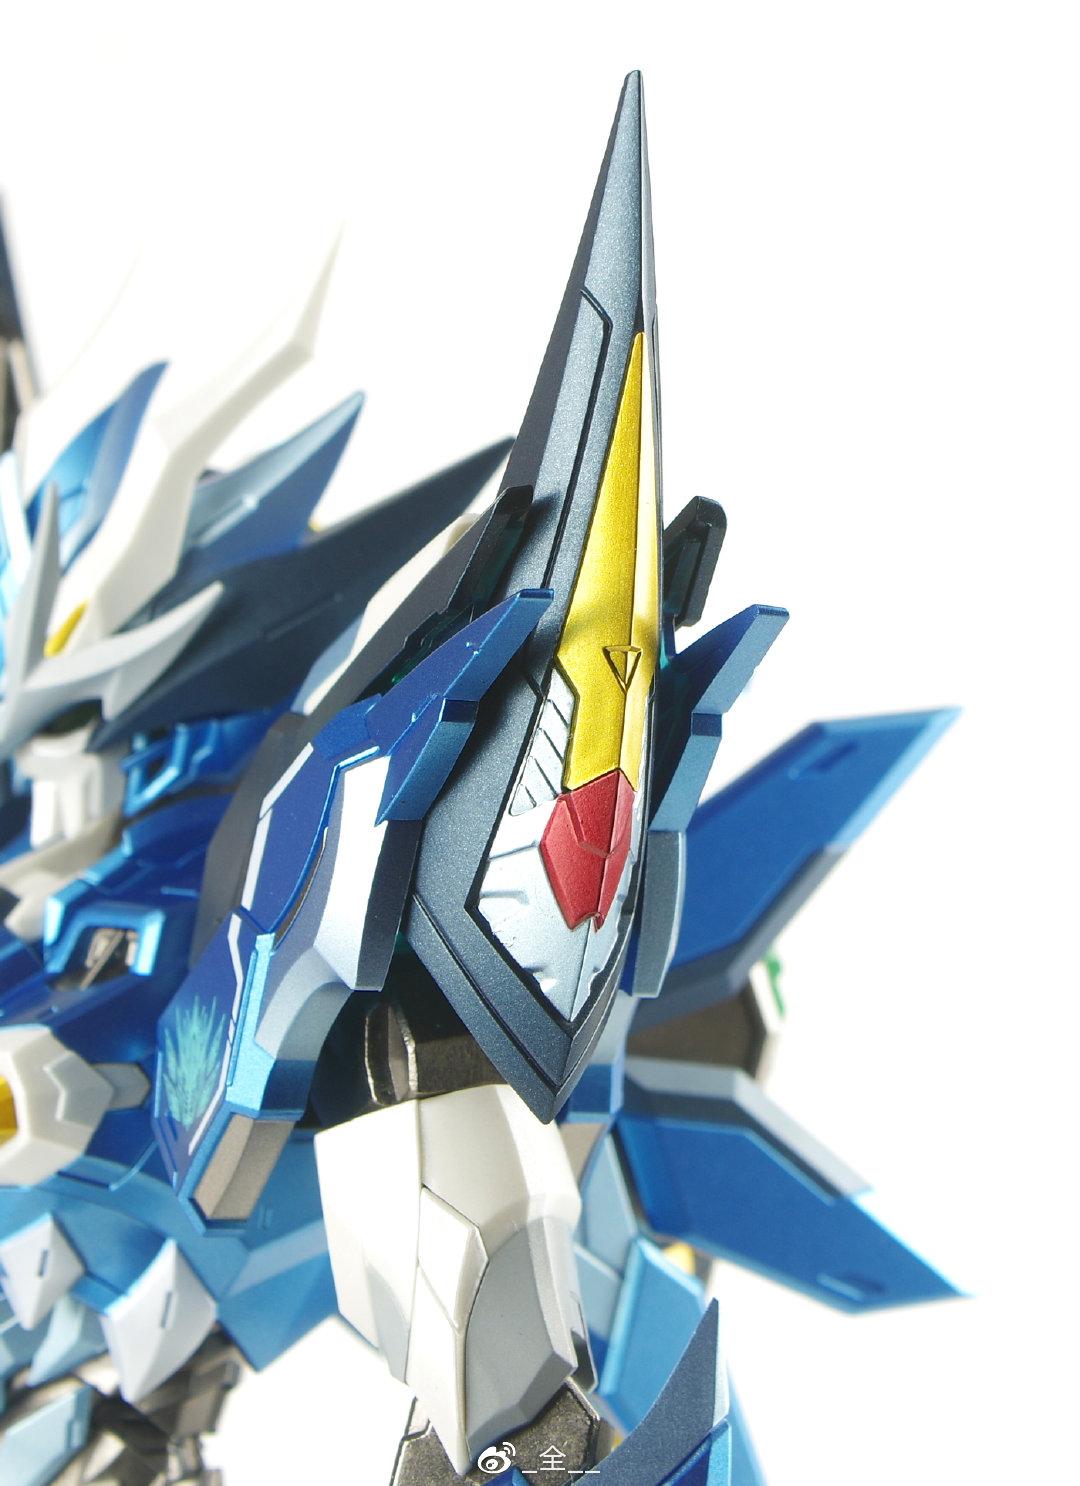 S470_MOTOR_NUCLEAR_MN_Q03_blue_gragon_ao_bing_di_hui_xing_han_long_zi_037.jpg